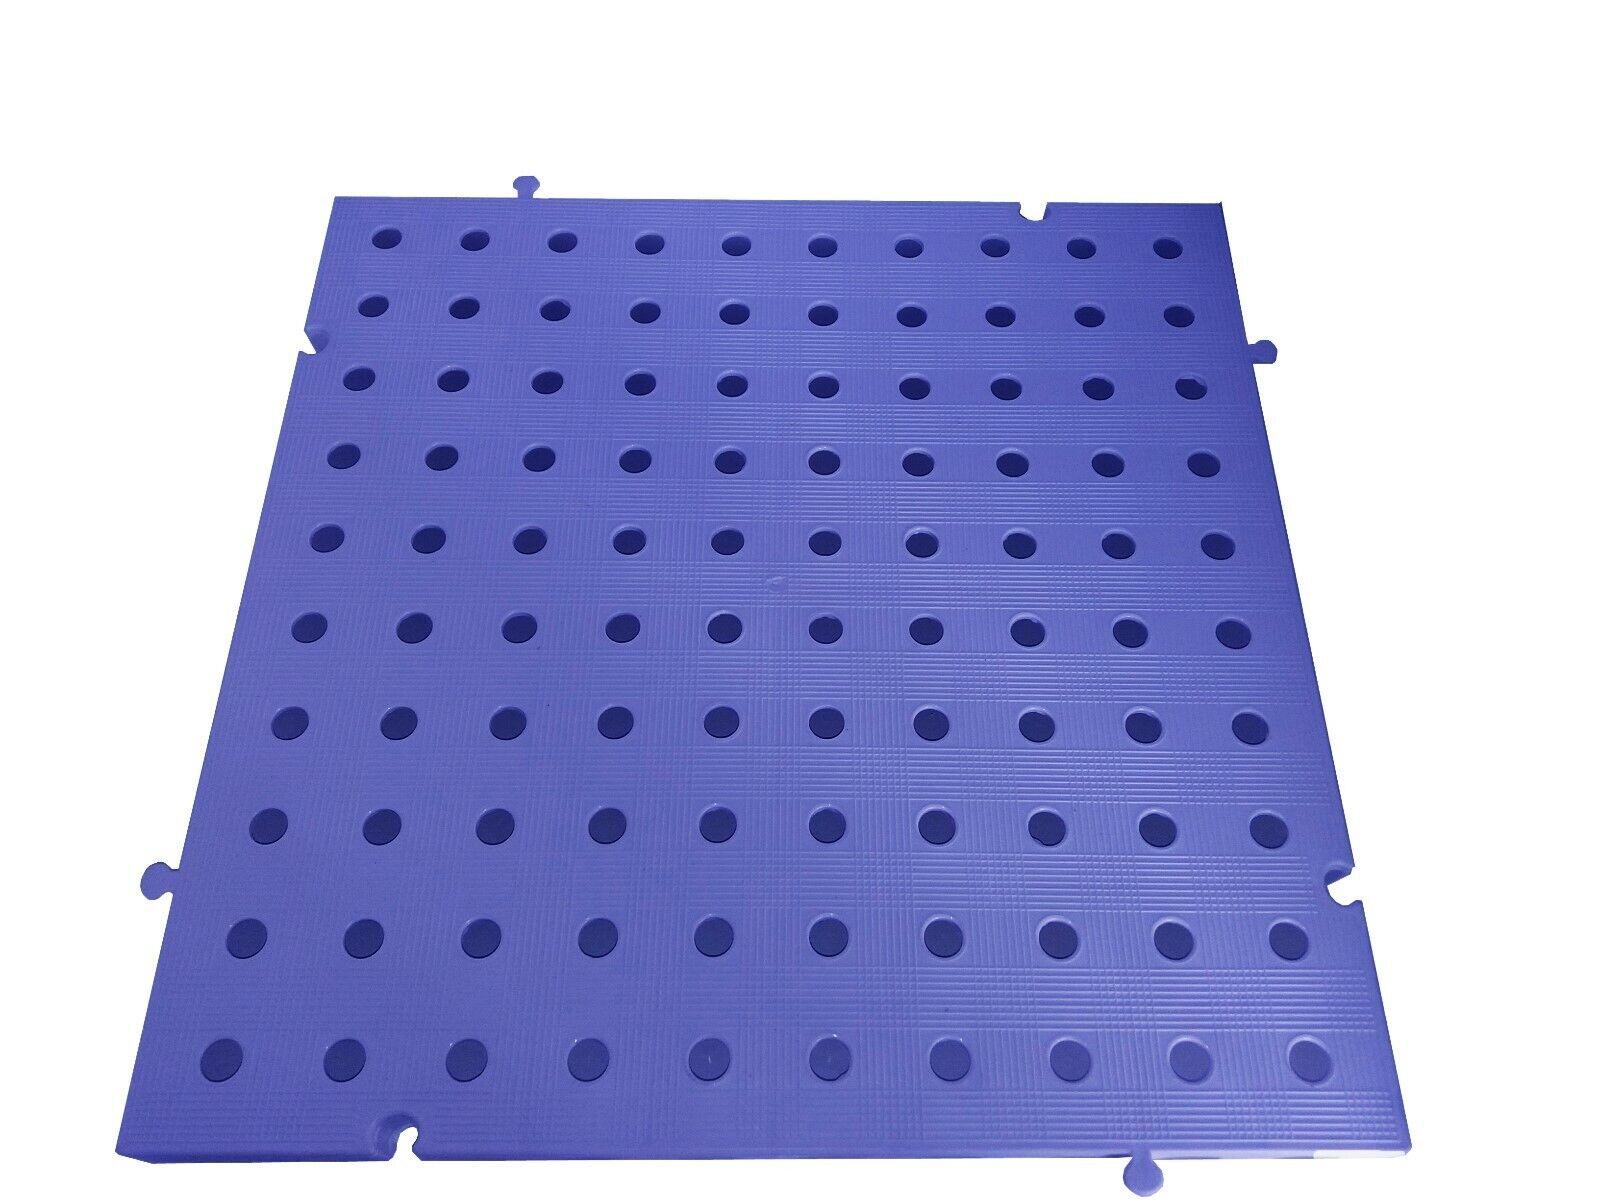 s l1600 - Náyade® Block Losa Tarima Goma desmontable 50x50x2,5 cm. Con Orificios. Azul